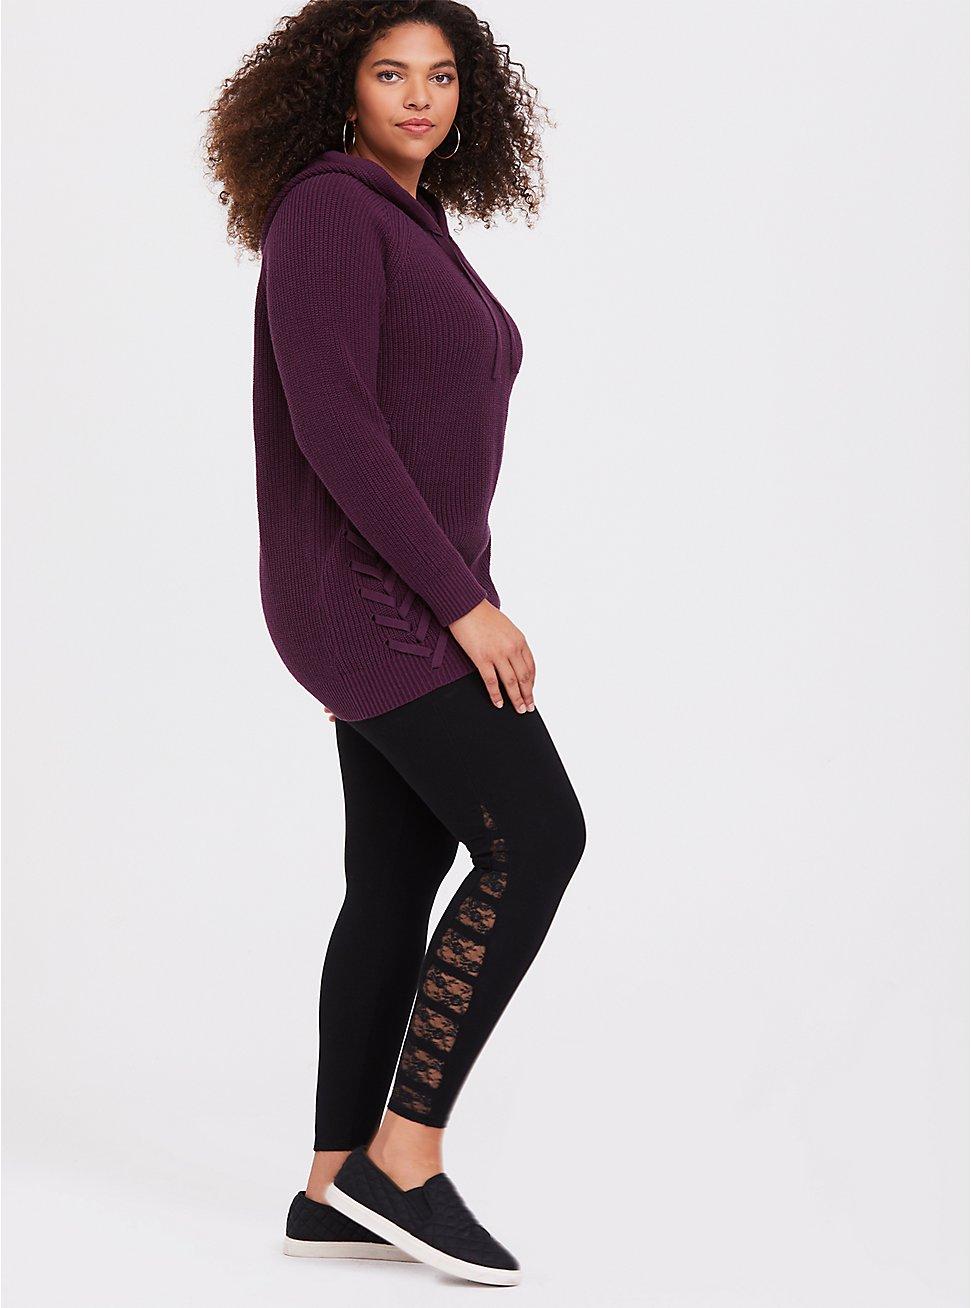 Premium Legging - Ladder Lace Insert Black, BLACK, hi-res